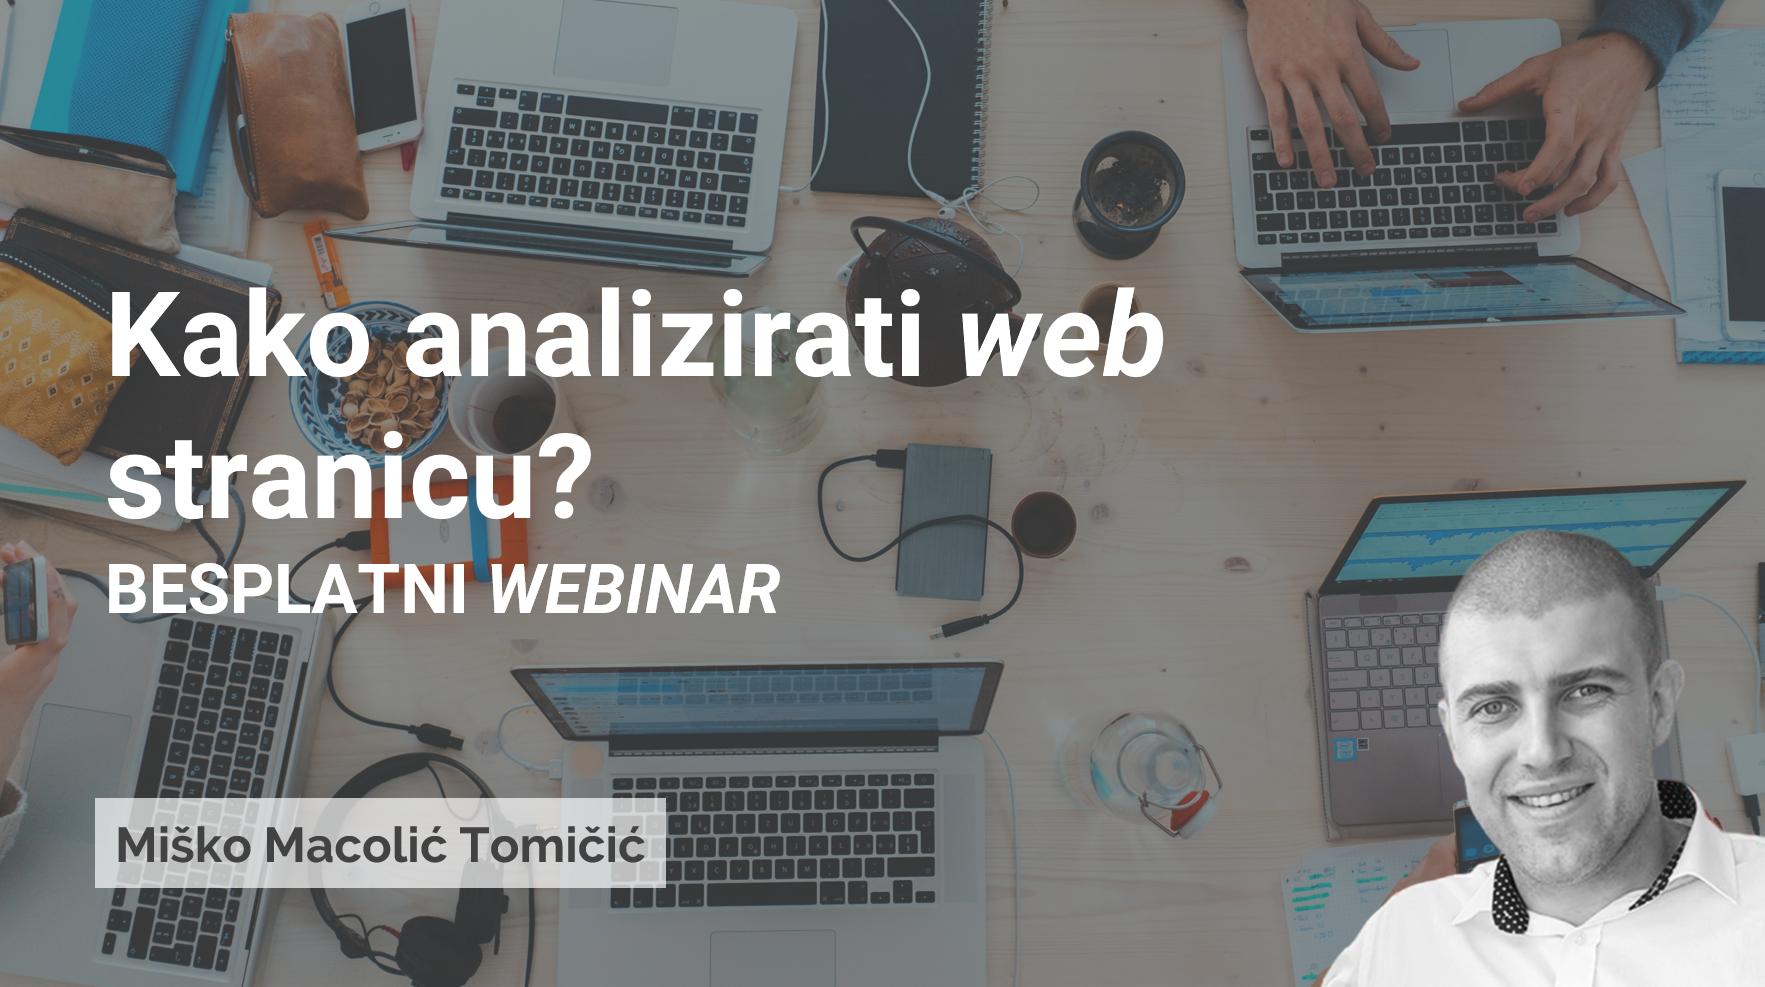 WEBINAR: Kako analizirati web stranicu?